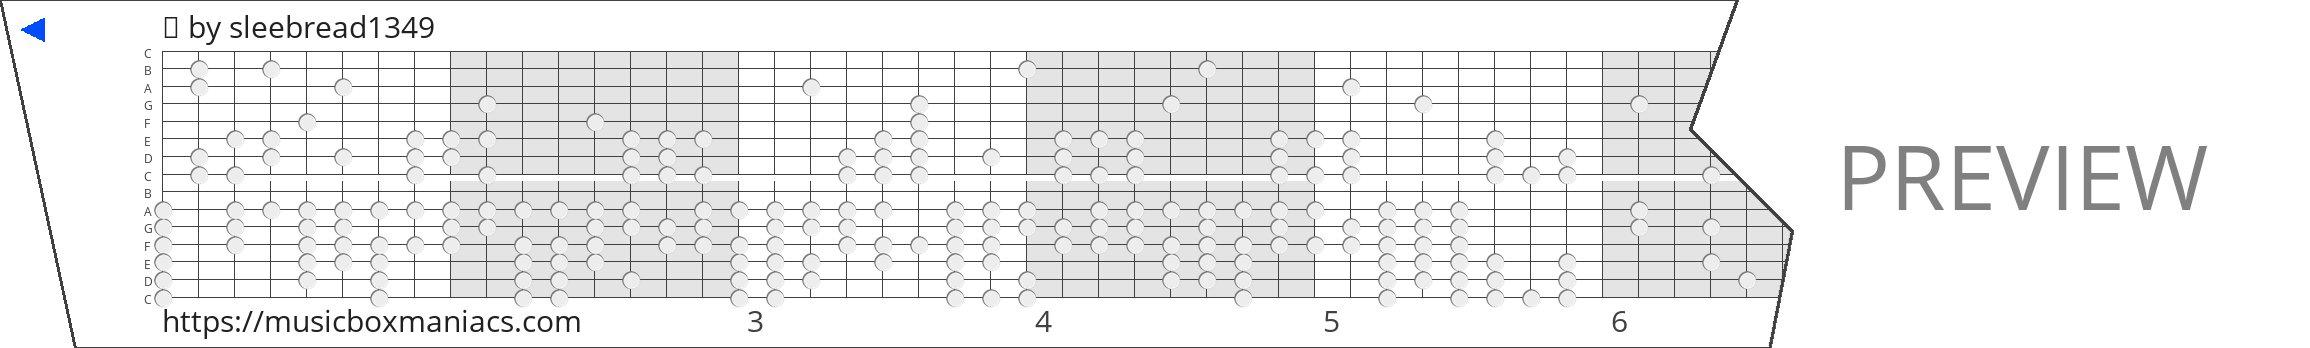 ㅇ 15 note music box paper strip